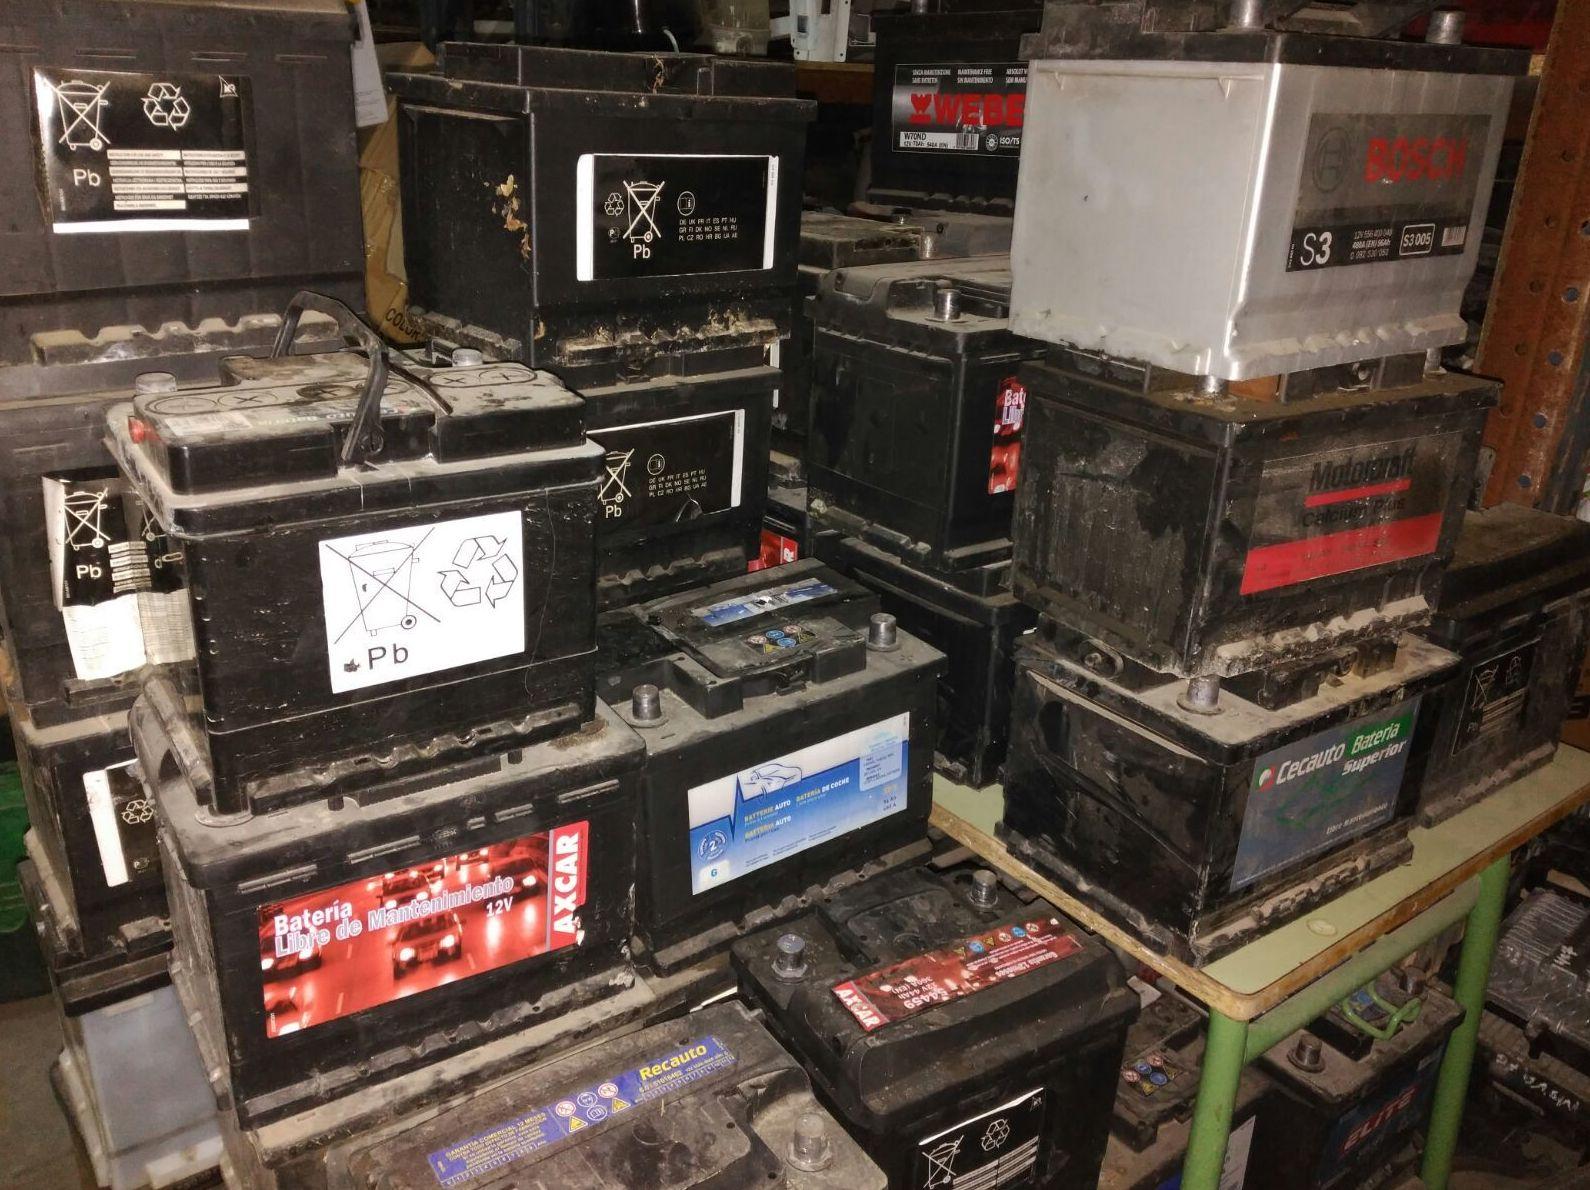 Venta de baterías usadas en buen estado